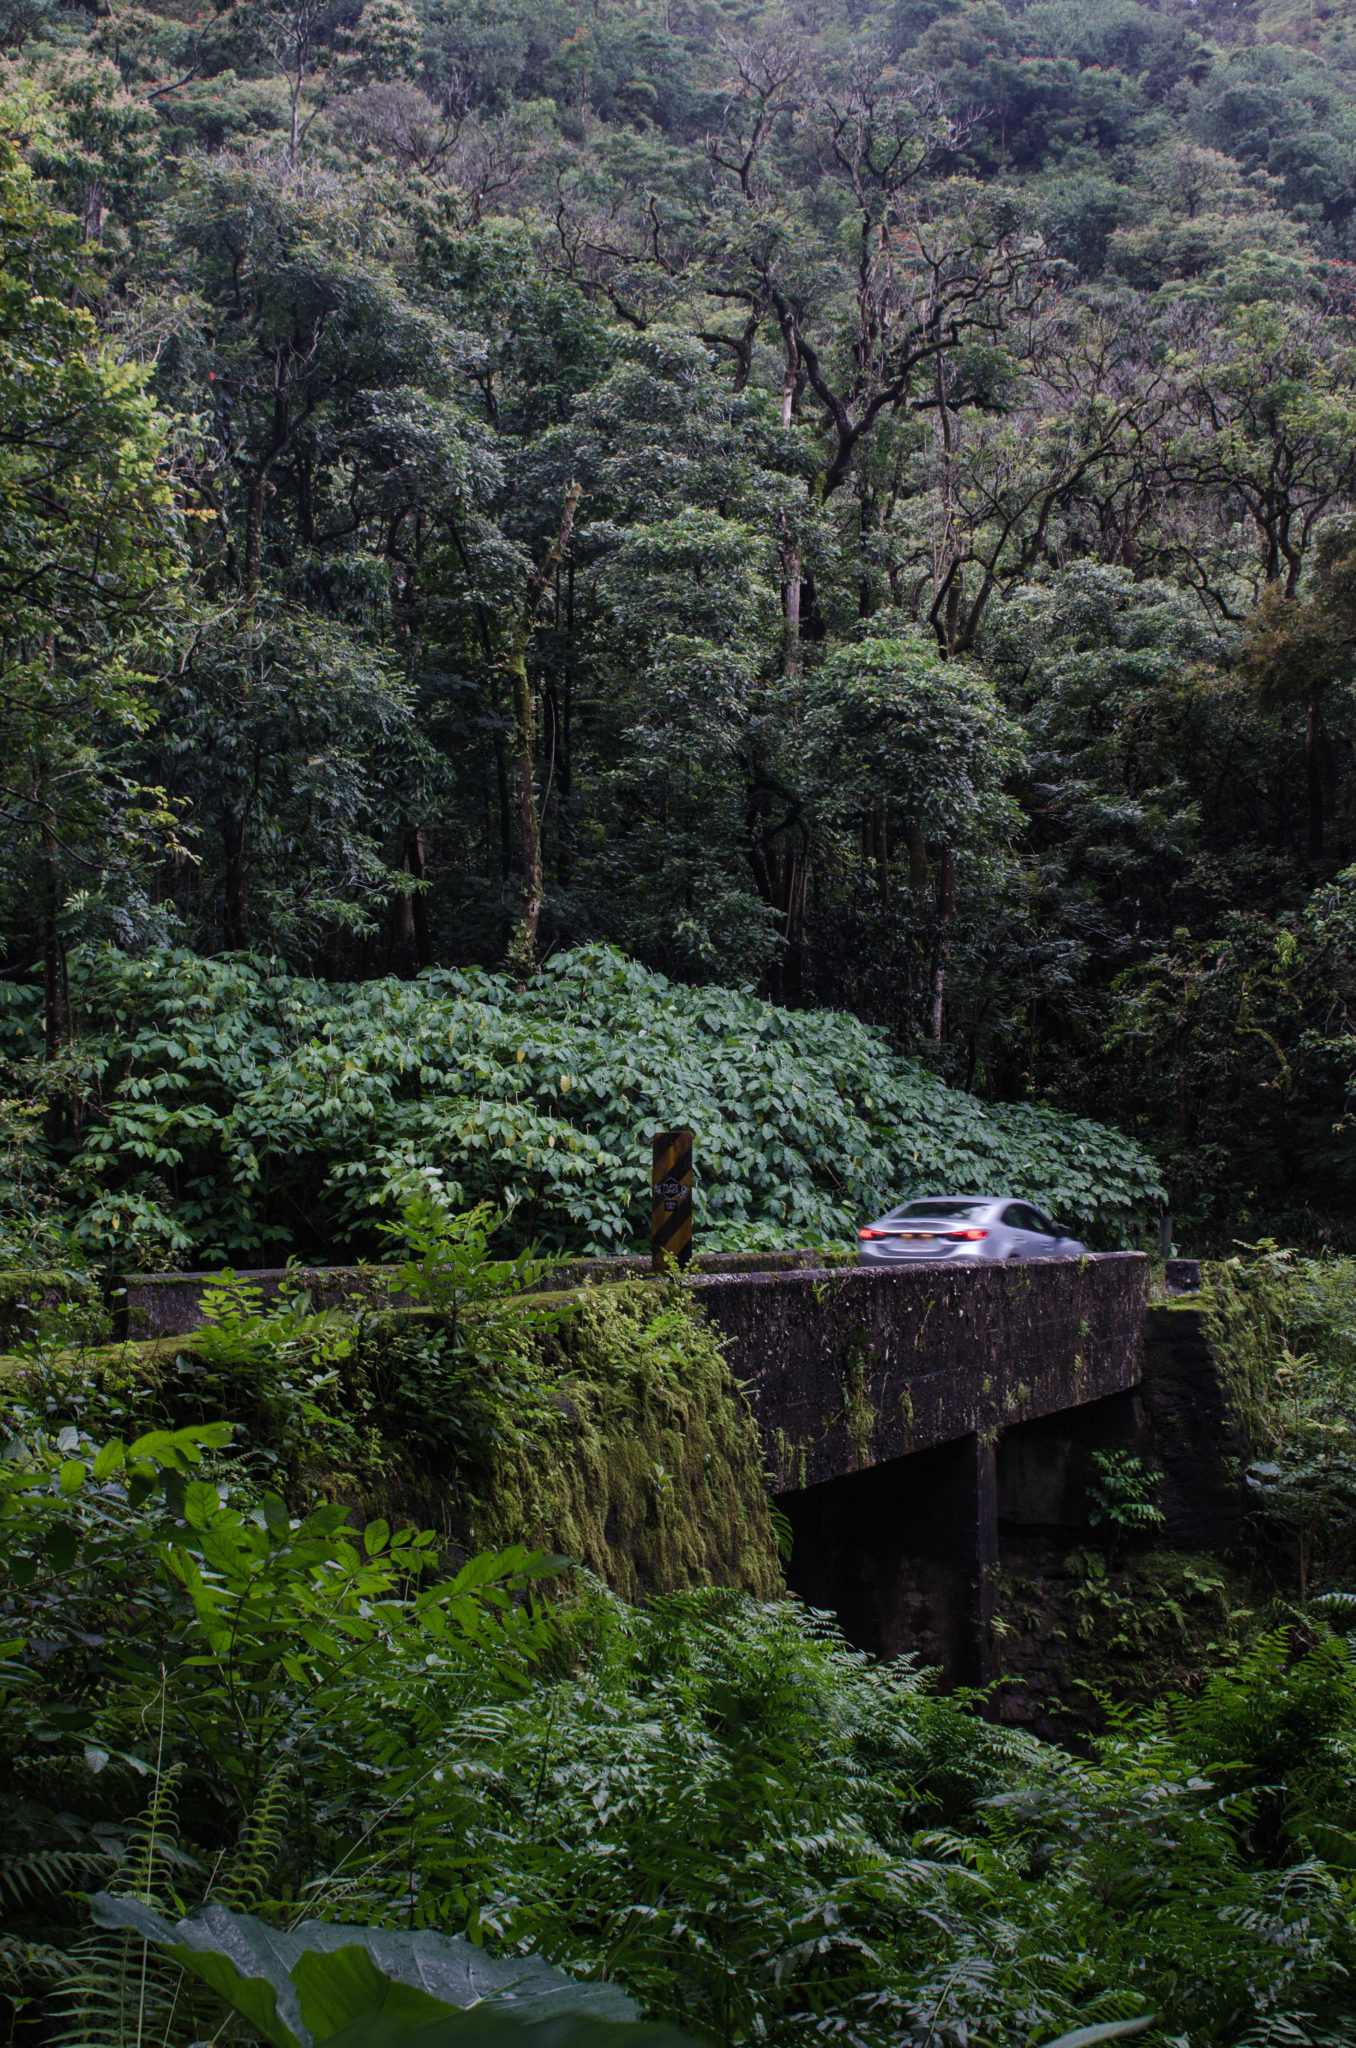 Die Road to Hana ist unter den Hawaii Inseln einmalig